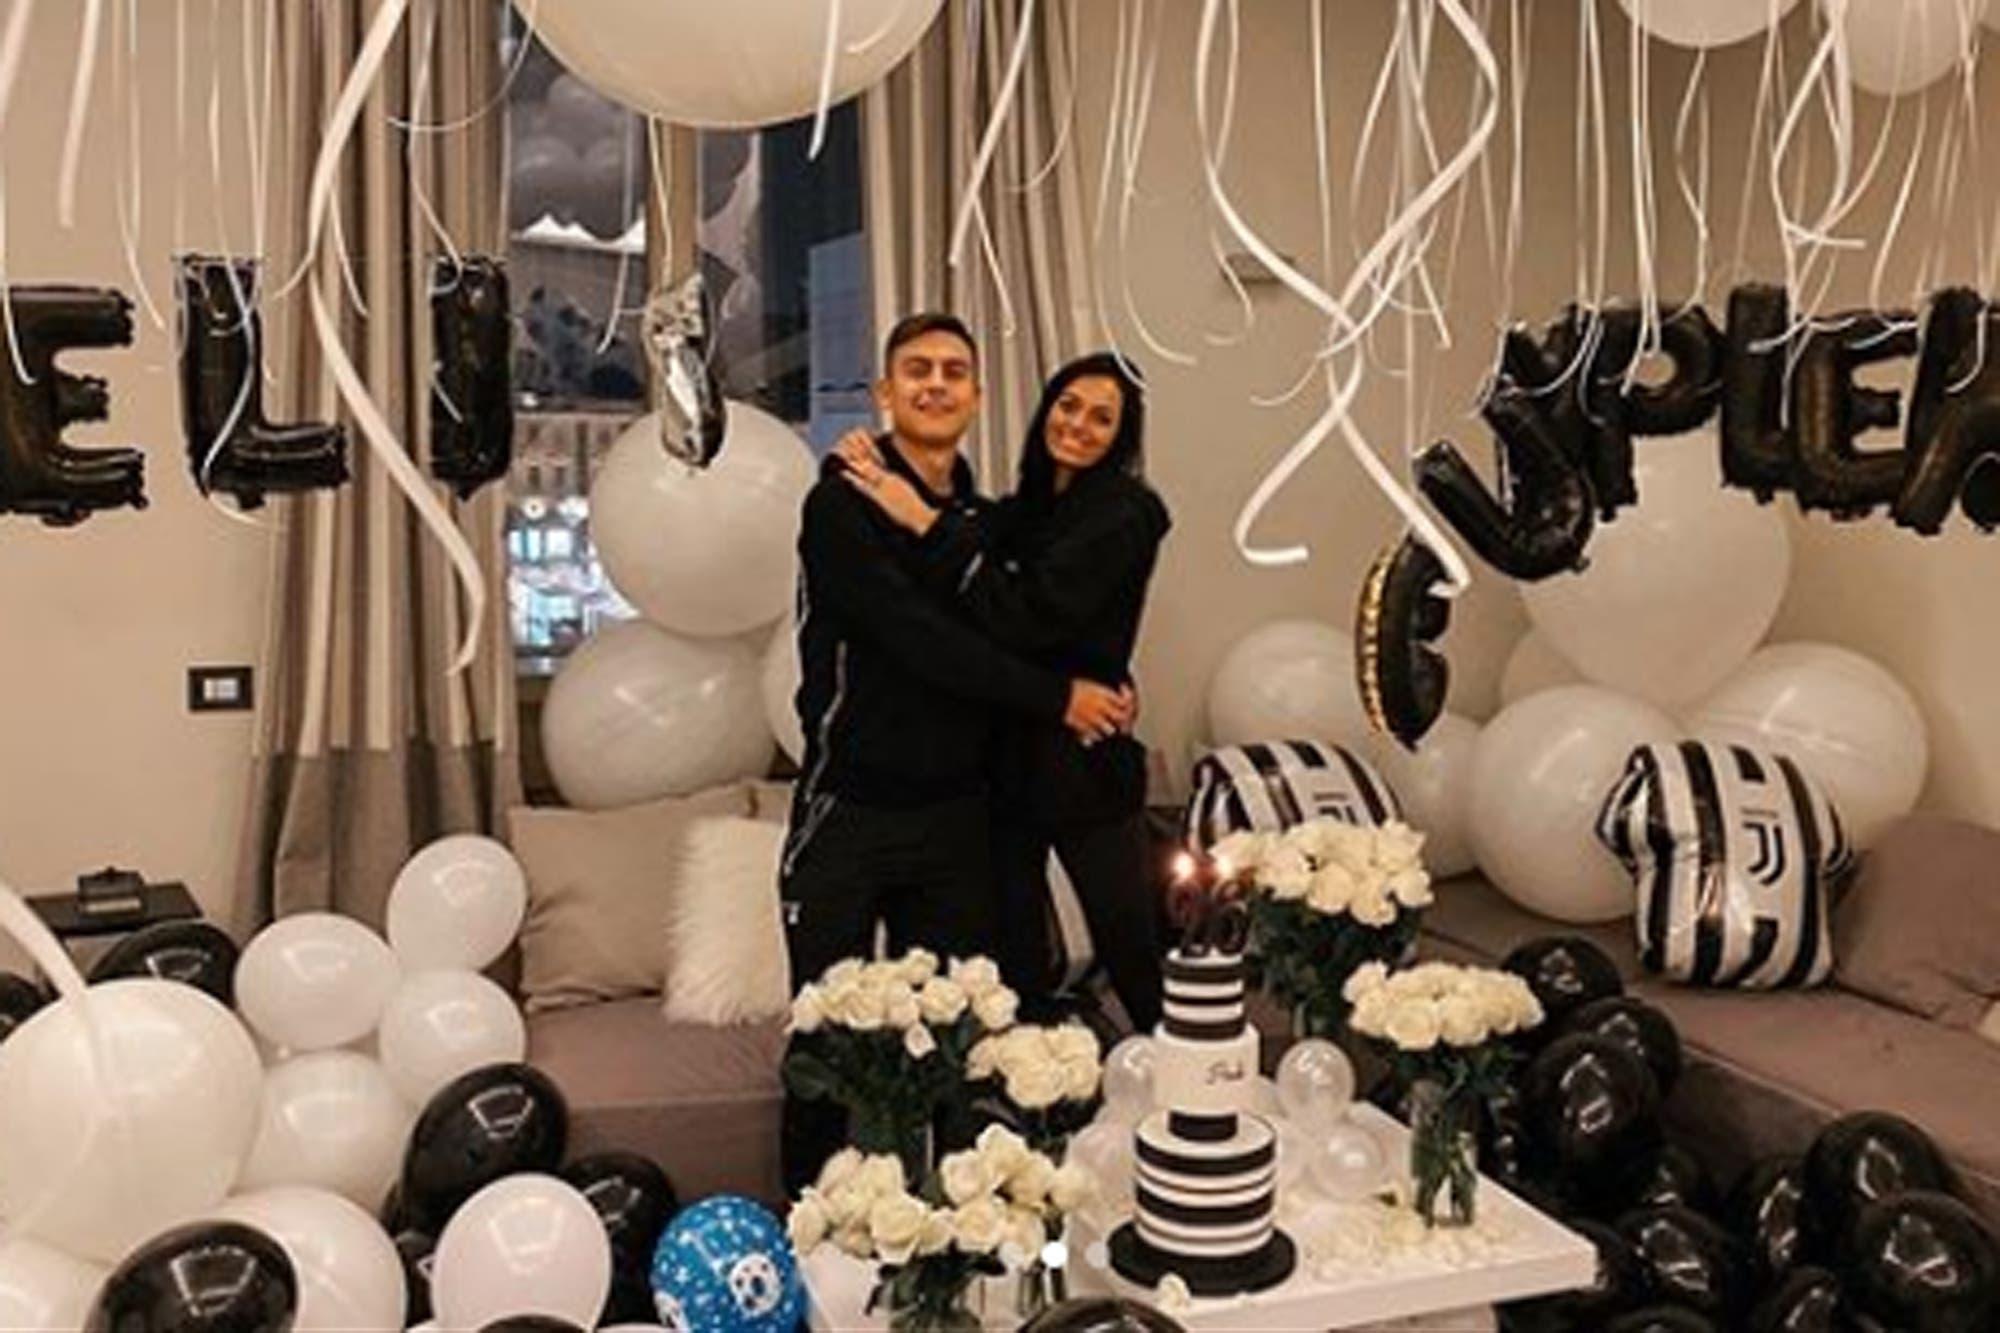 La fiesta sorpresa de Oriana Sabatini para Paulo Dybala por su cumpleaños